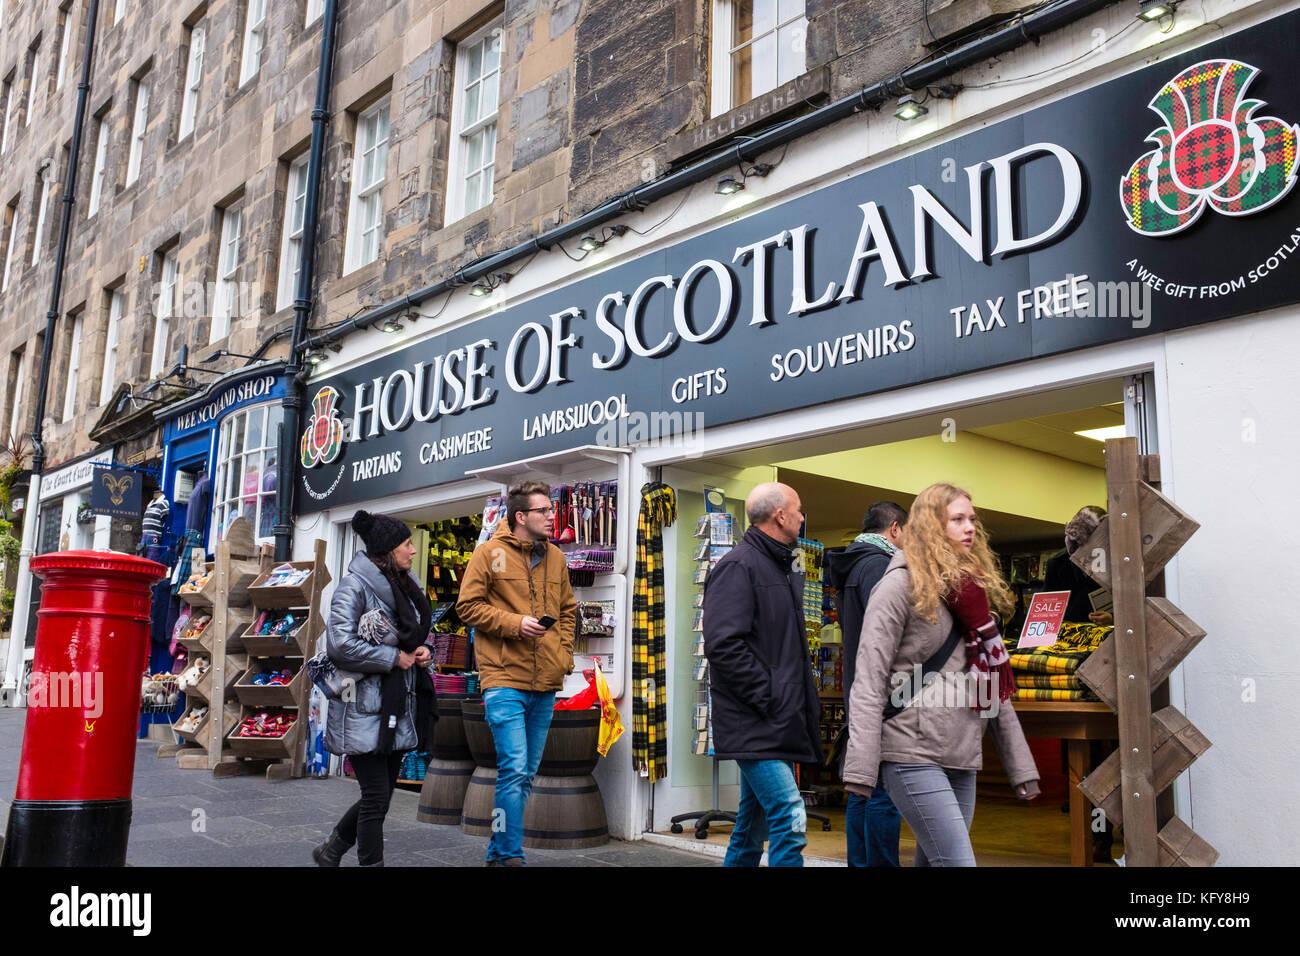 L'extérieur du magasin de souvenirs touristiques typiques sur le Royal Mile d'Édimbourg, Écosse, Photo Stock